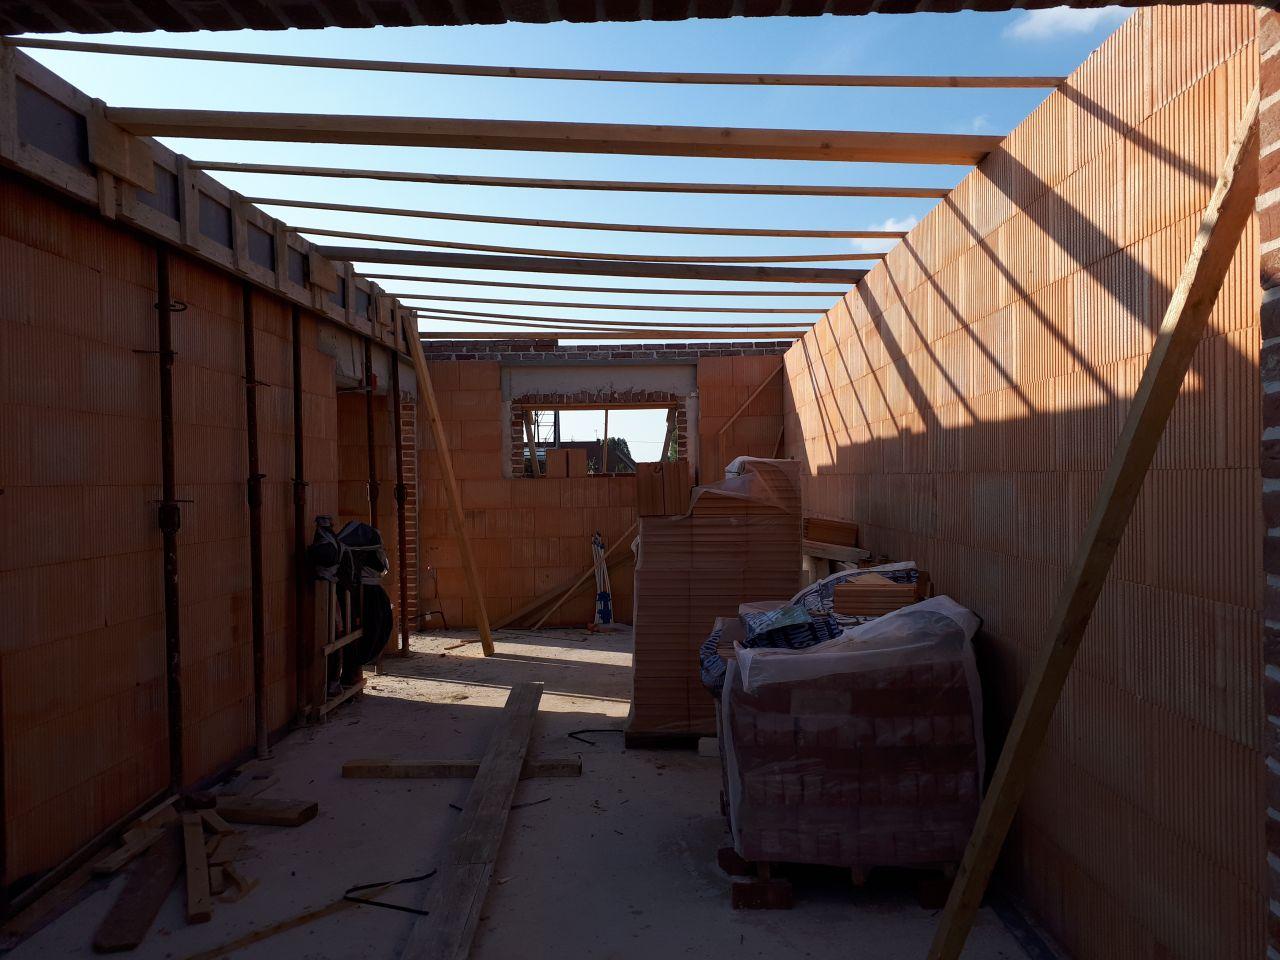 Préparation d'un linteau béton pour supporter le parement en brique de l'étage.